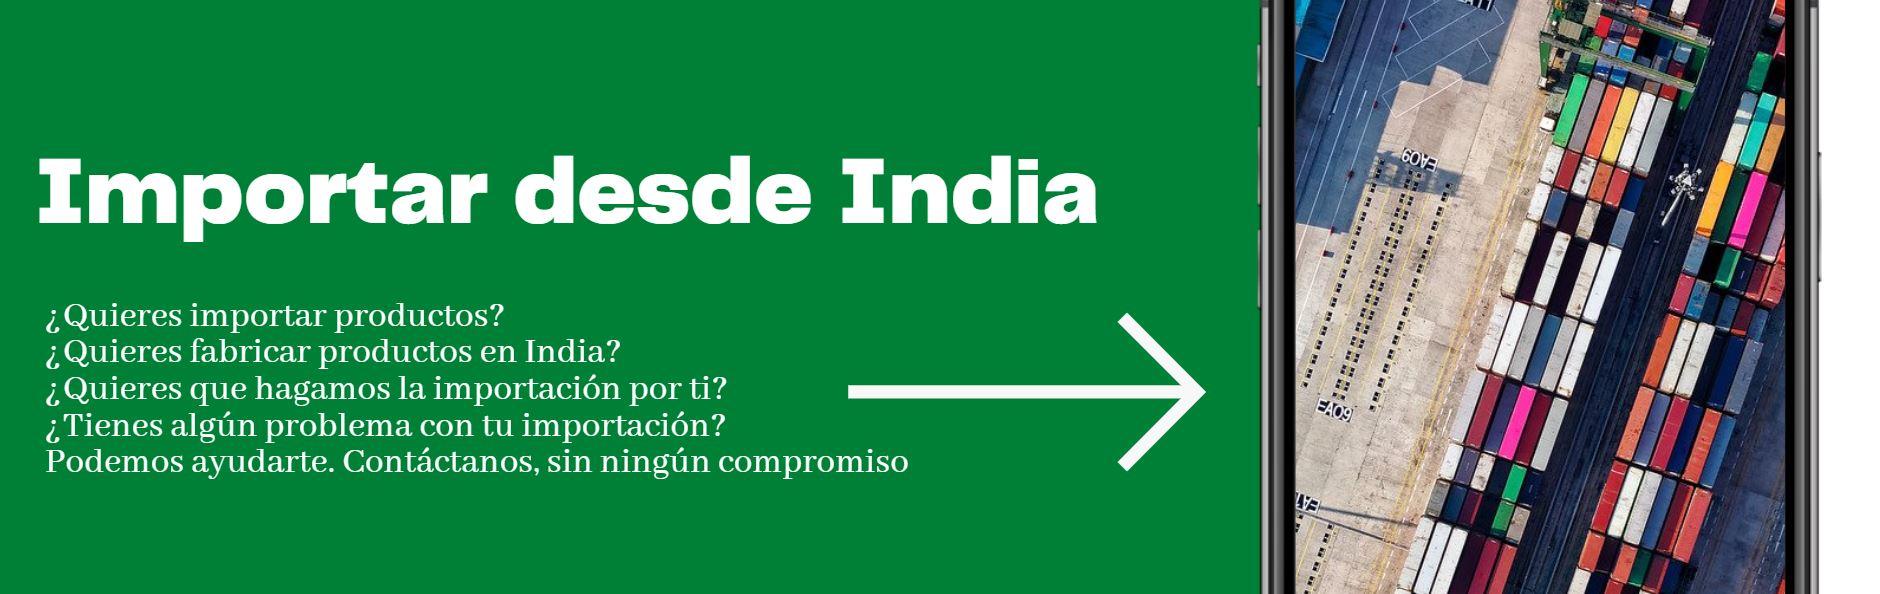 Importar desde India. Importaciones e importar de India